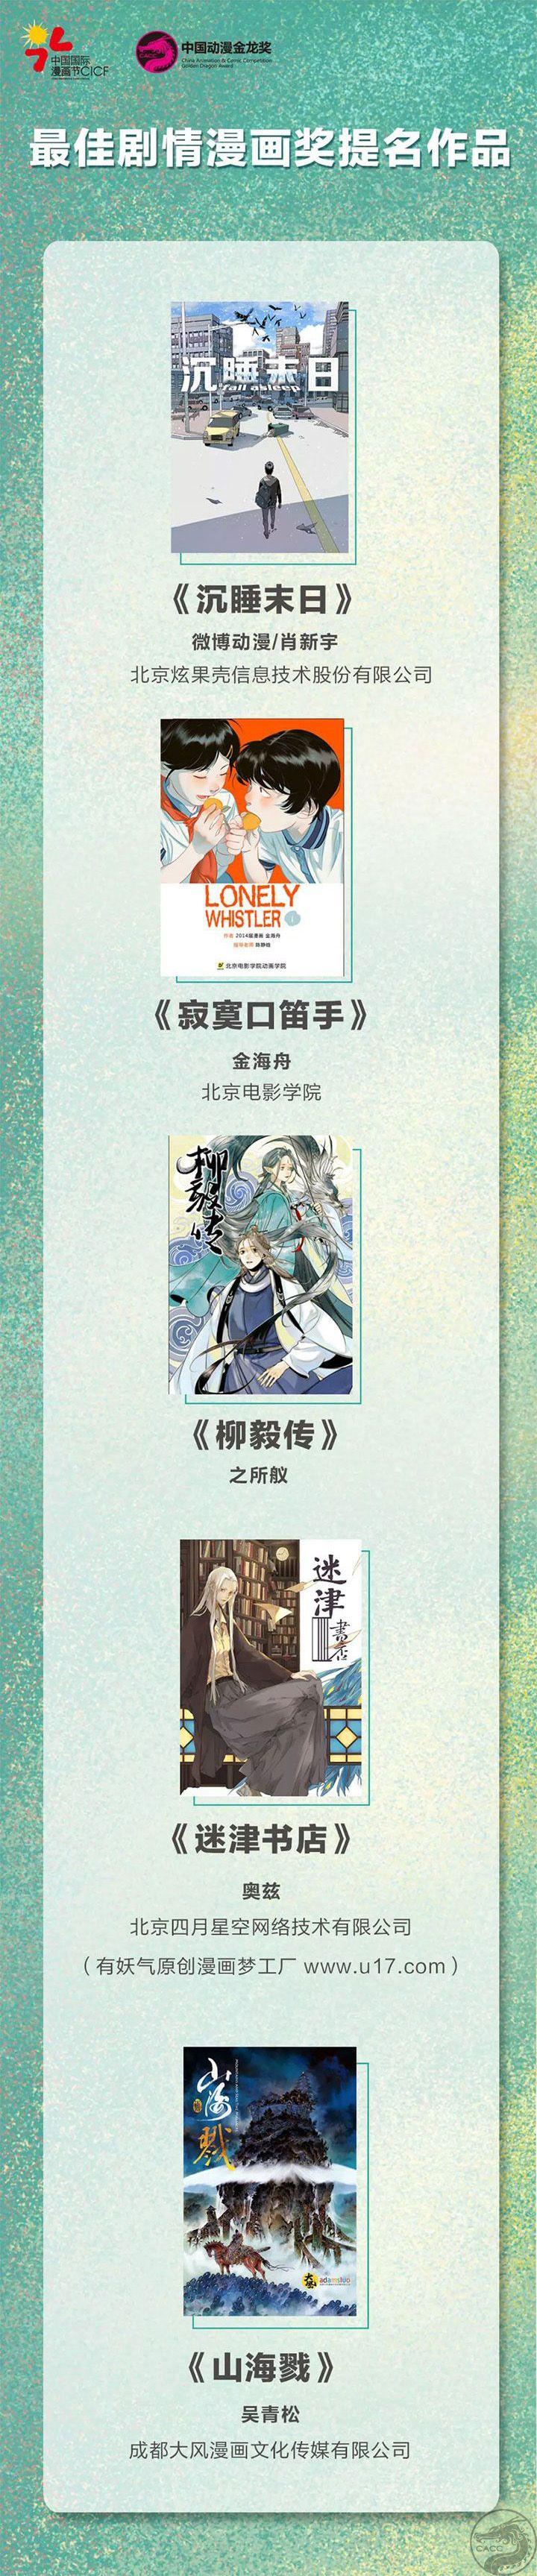 耀眼星光金灿灿,第15届金龙奖提名名单发布-ANICOGA